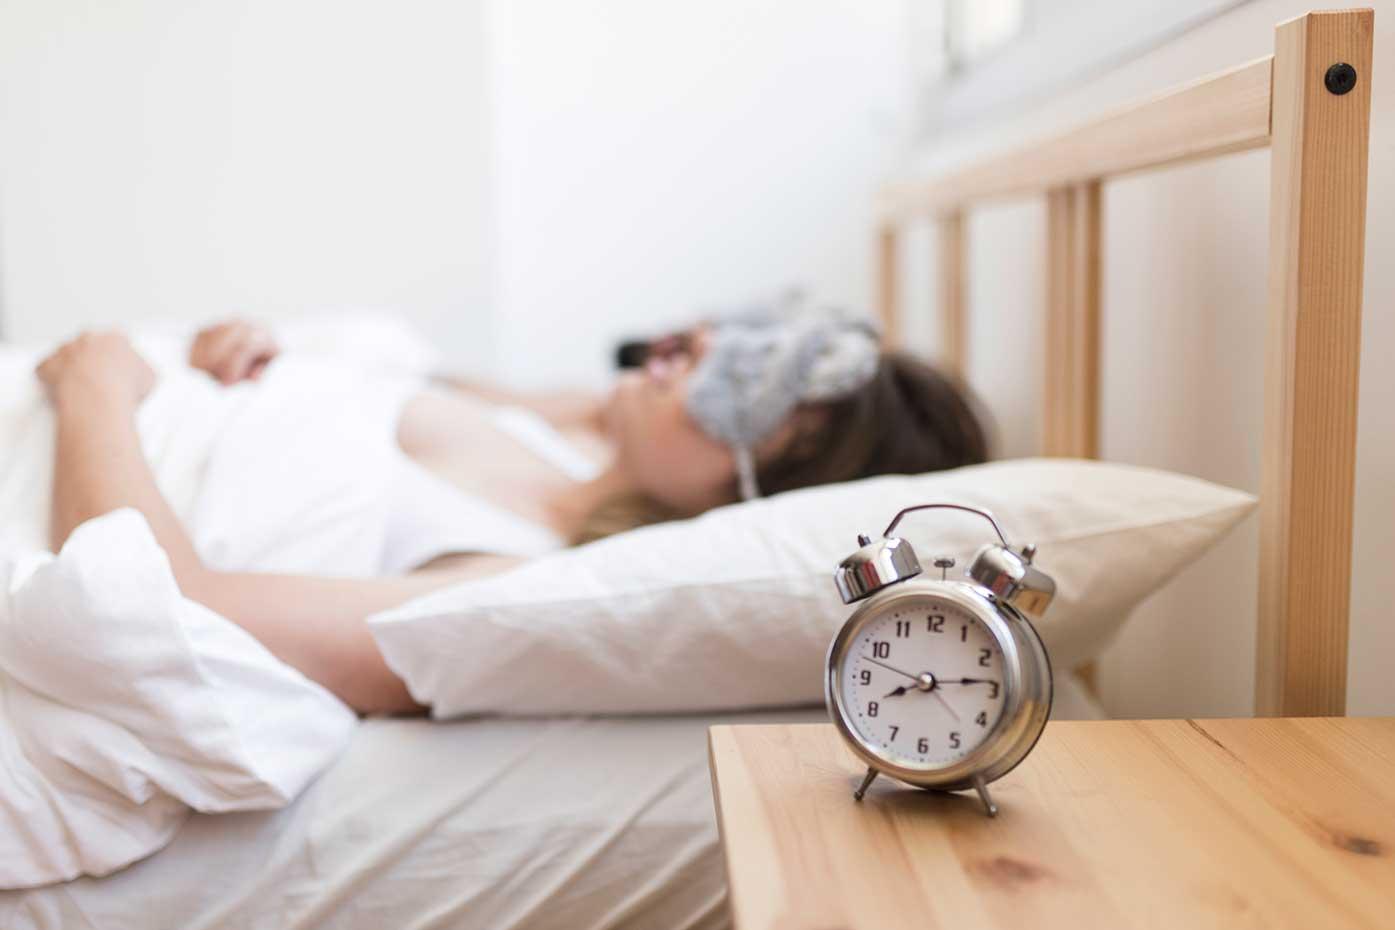 Why We Need Sleep